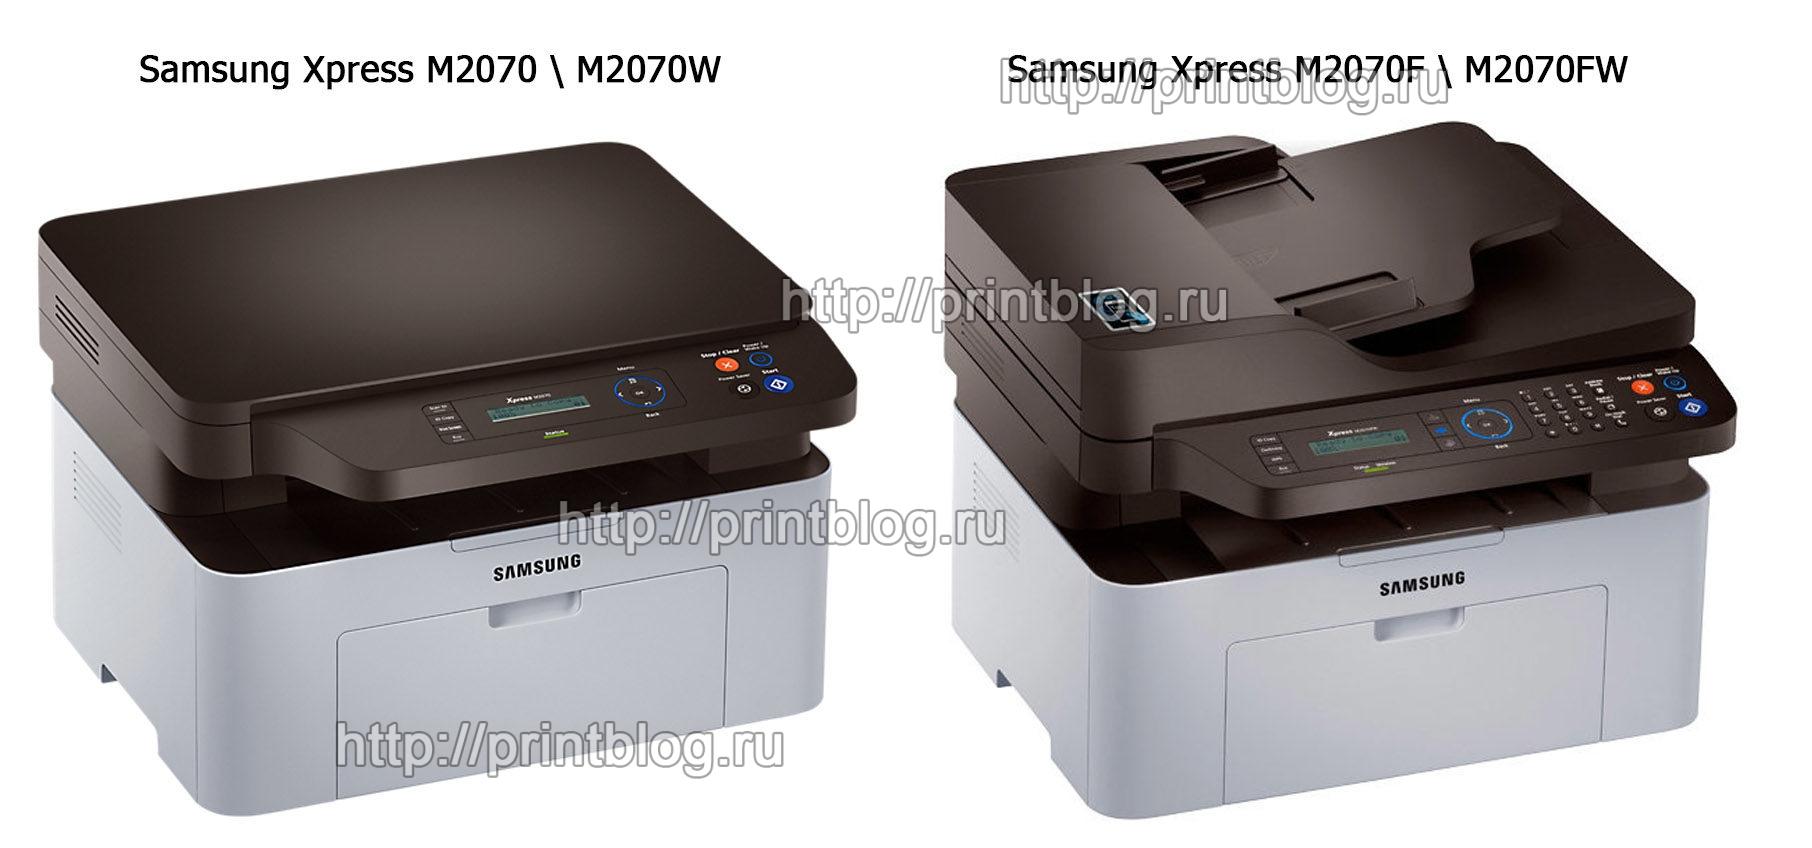 Samsung Xpress M2070 M2070W M2070F M2070FW отличия прошивка